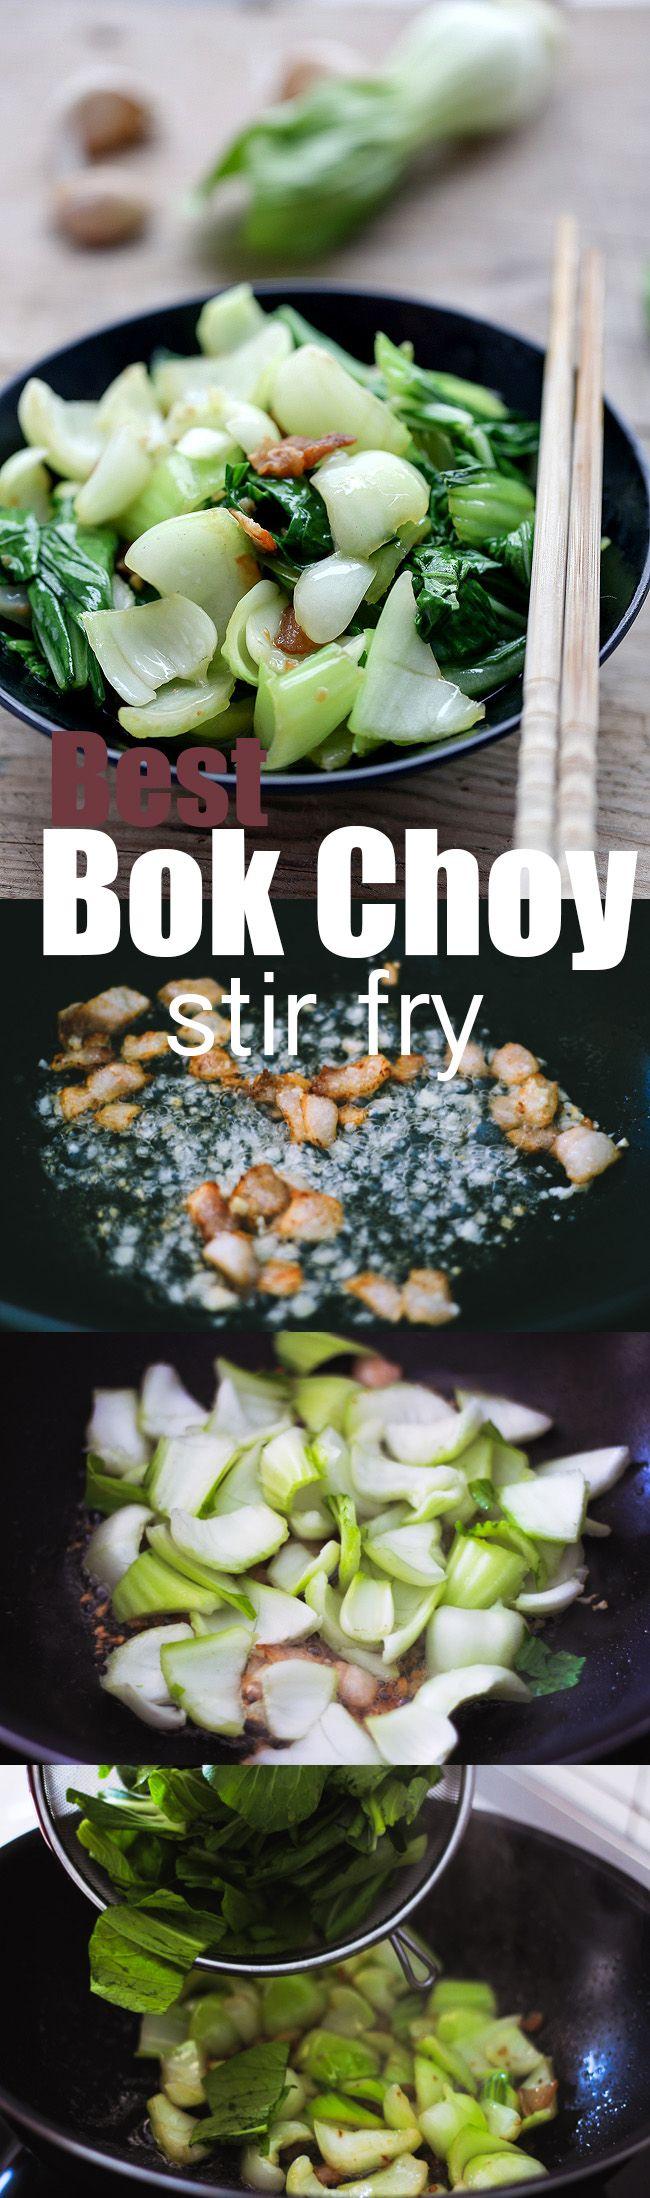 Best Bok Choy Stir Fry